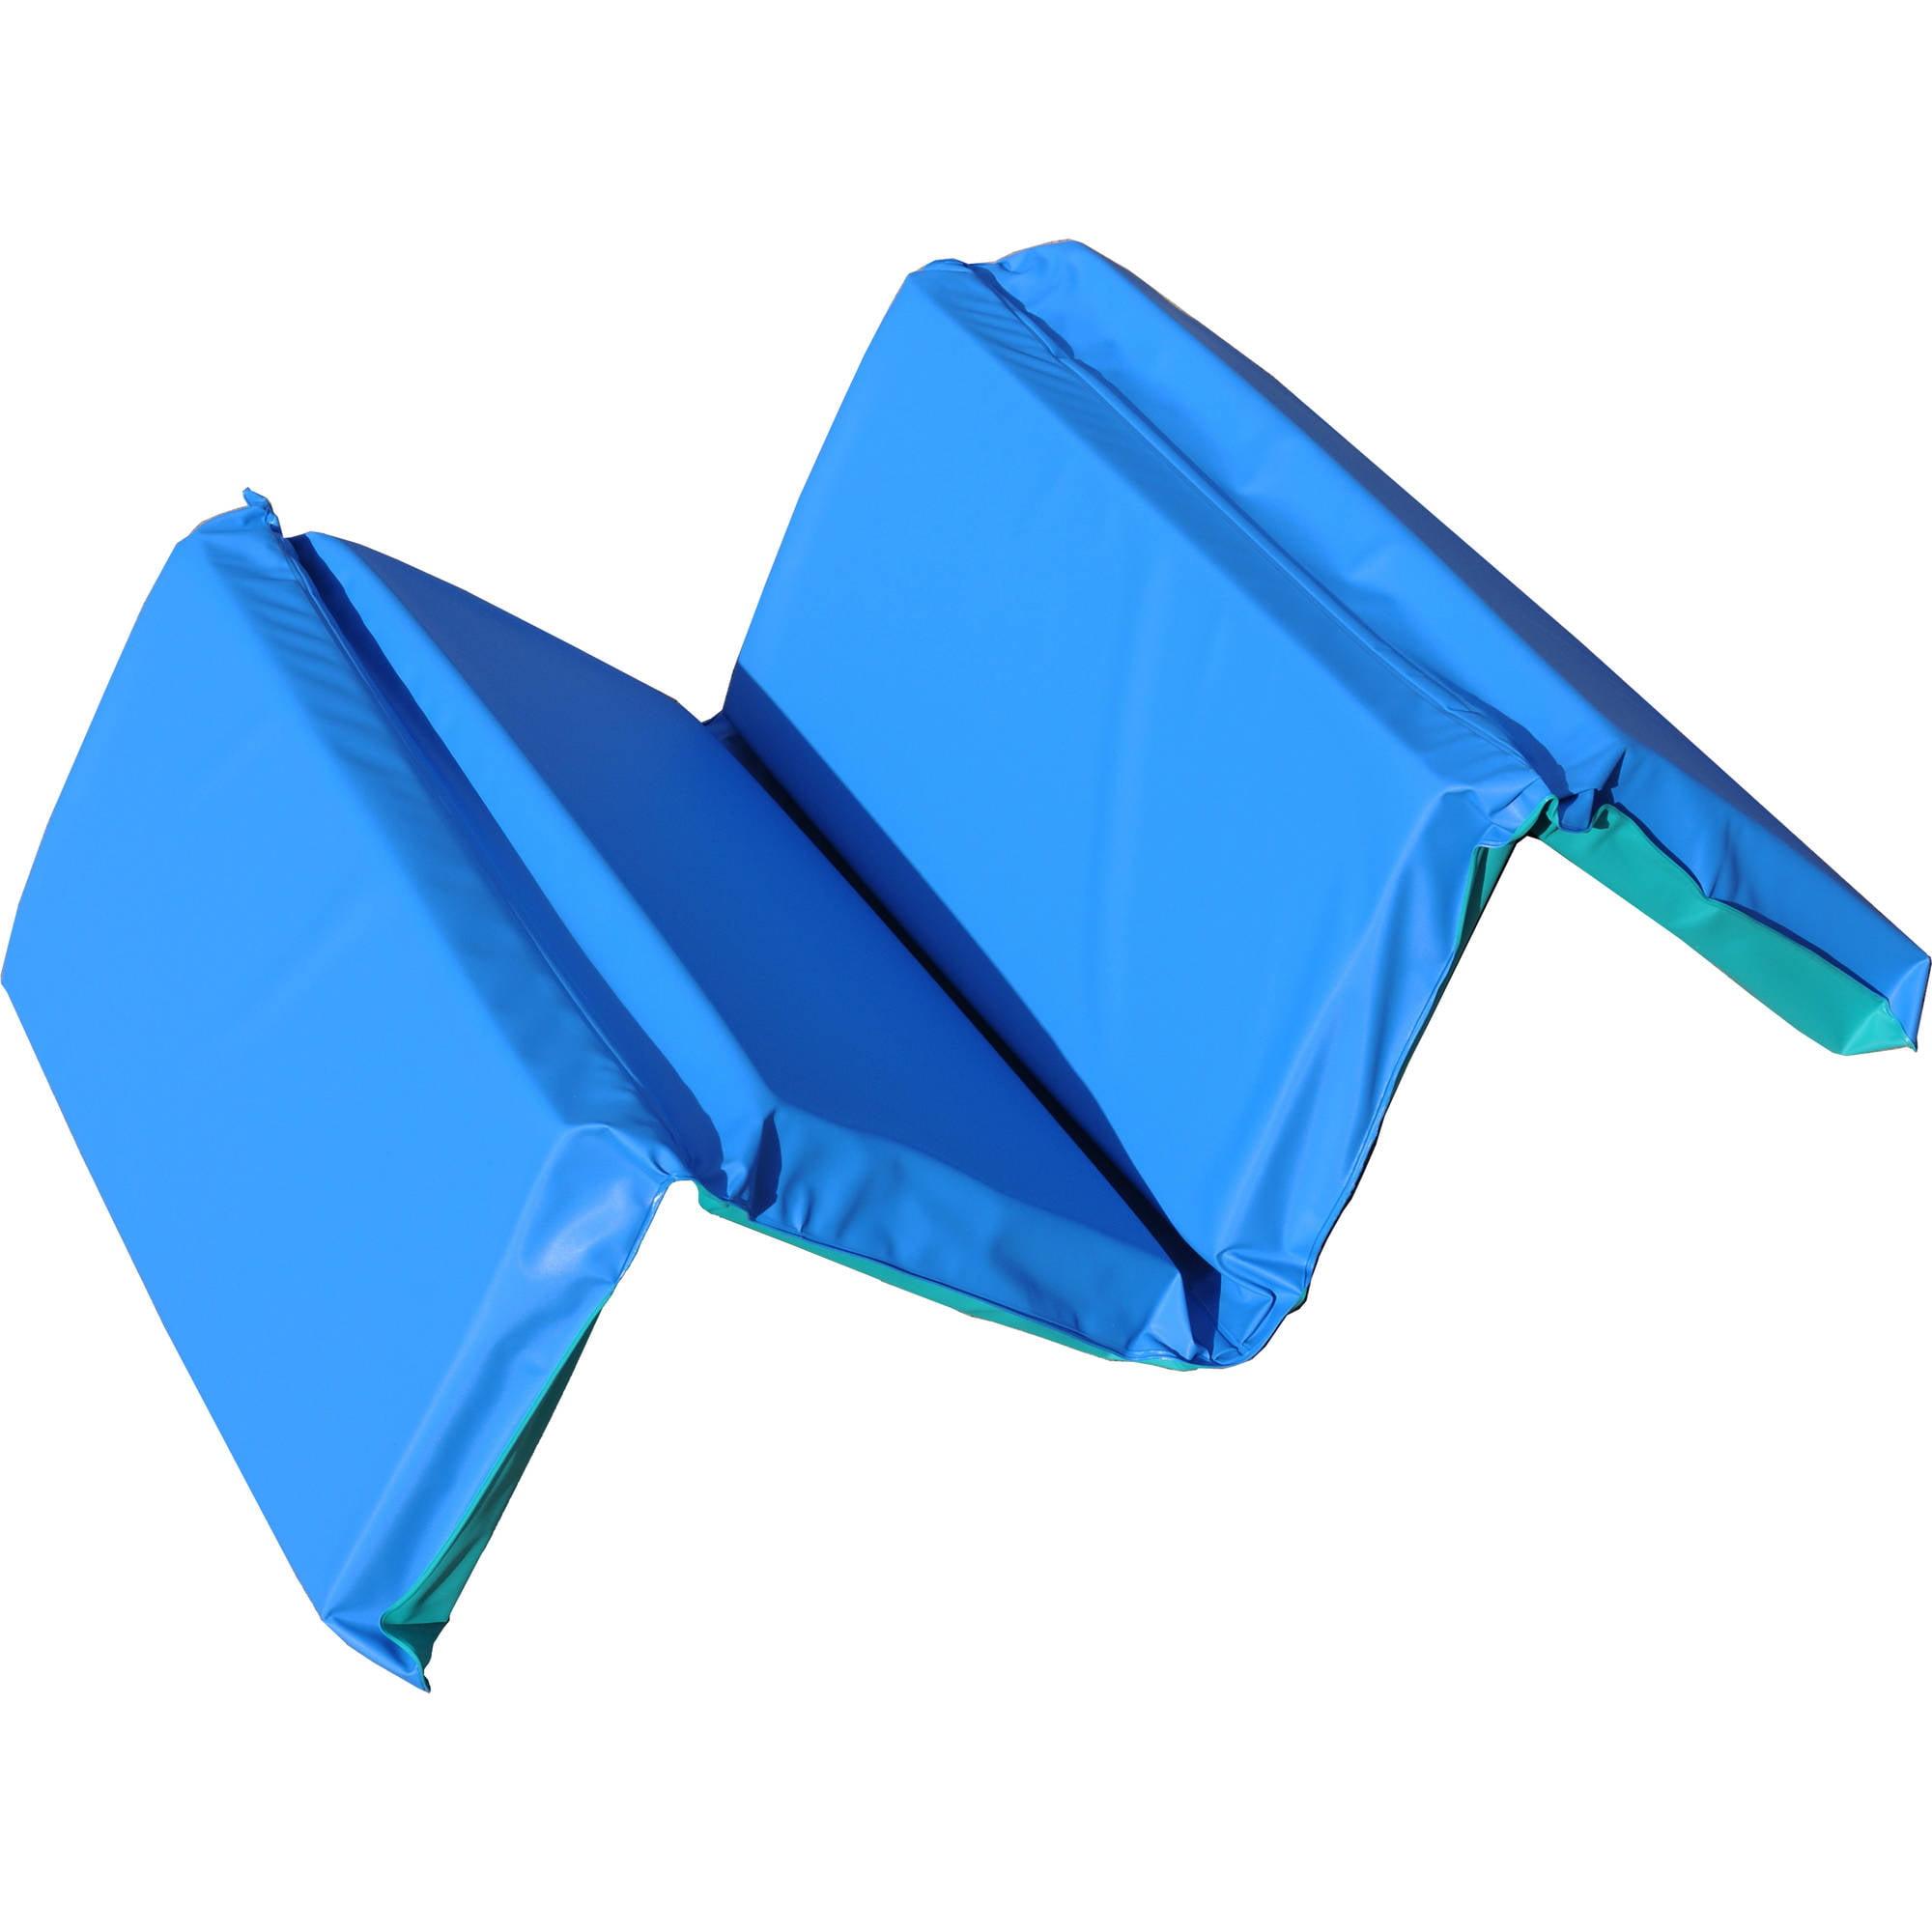 Peerless Plastics Blue Teal KinderMat 2 X 19 44